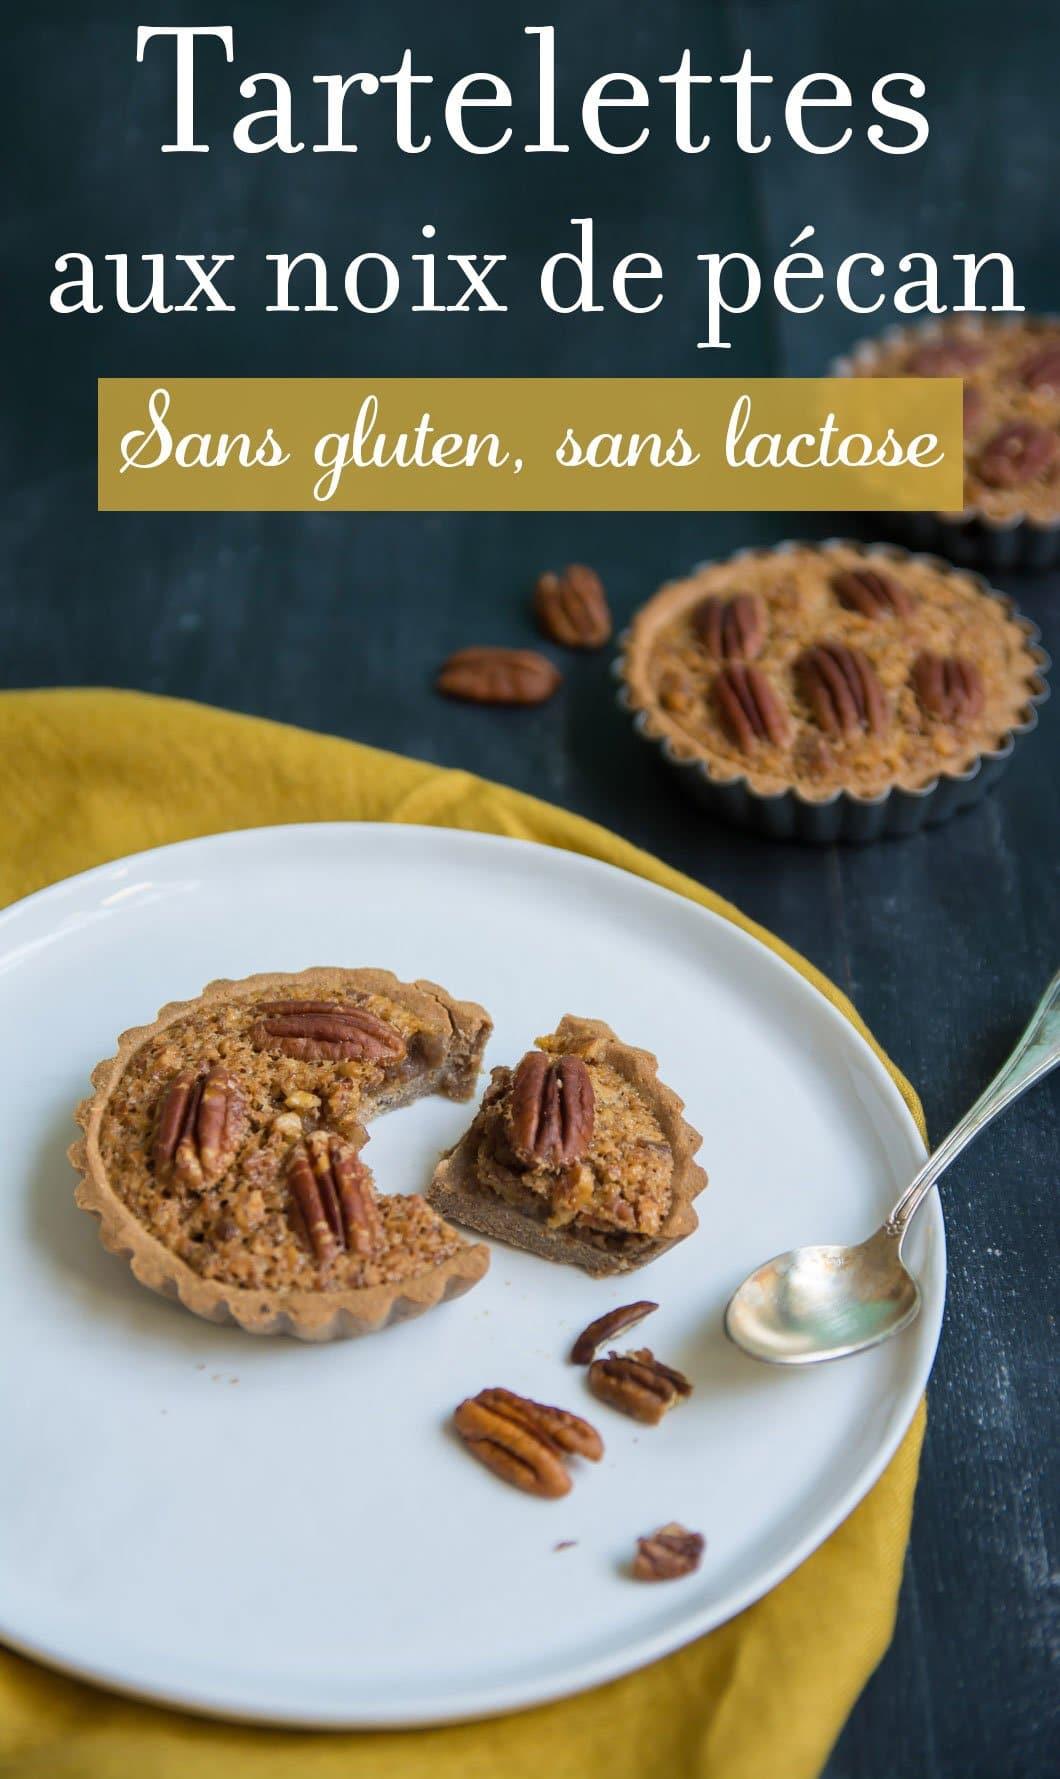 Ma recette de tartelettes aux noix de pécan, sans gluten ni lactose, à la farine de châtaigne et à l'huile de coco - 22 v'la Scarlett